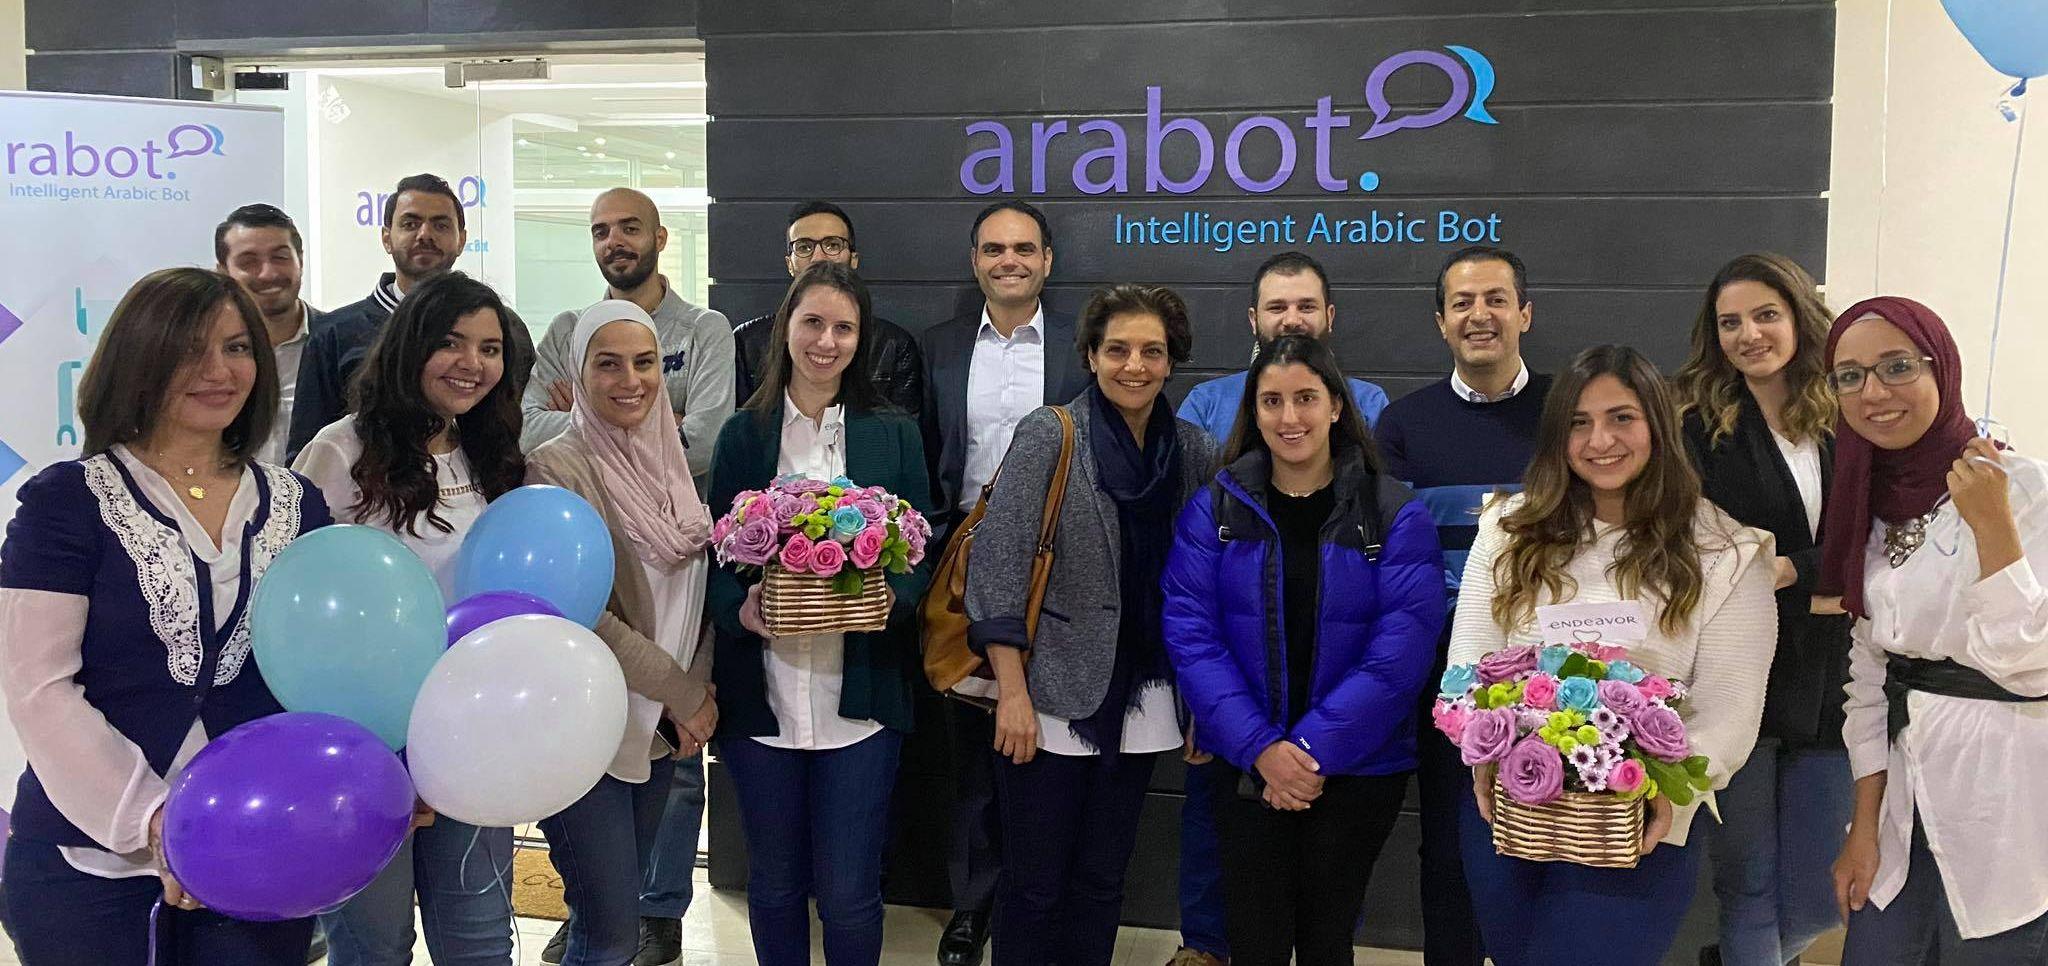 arabot team